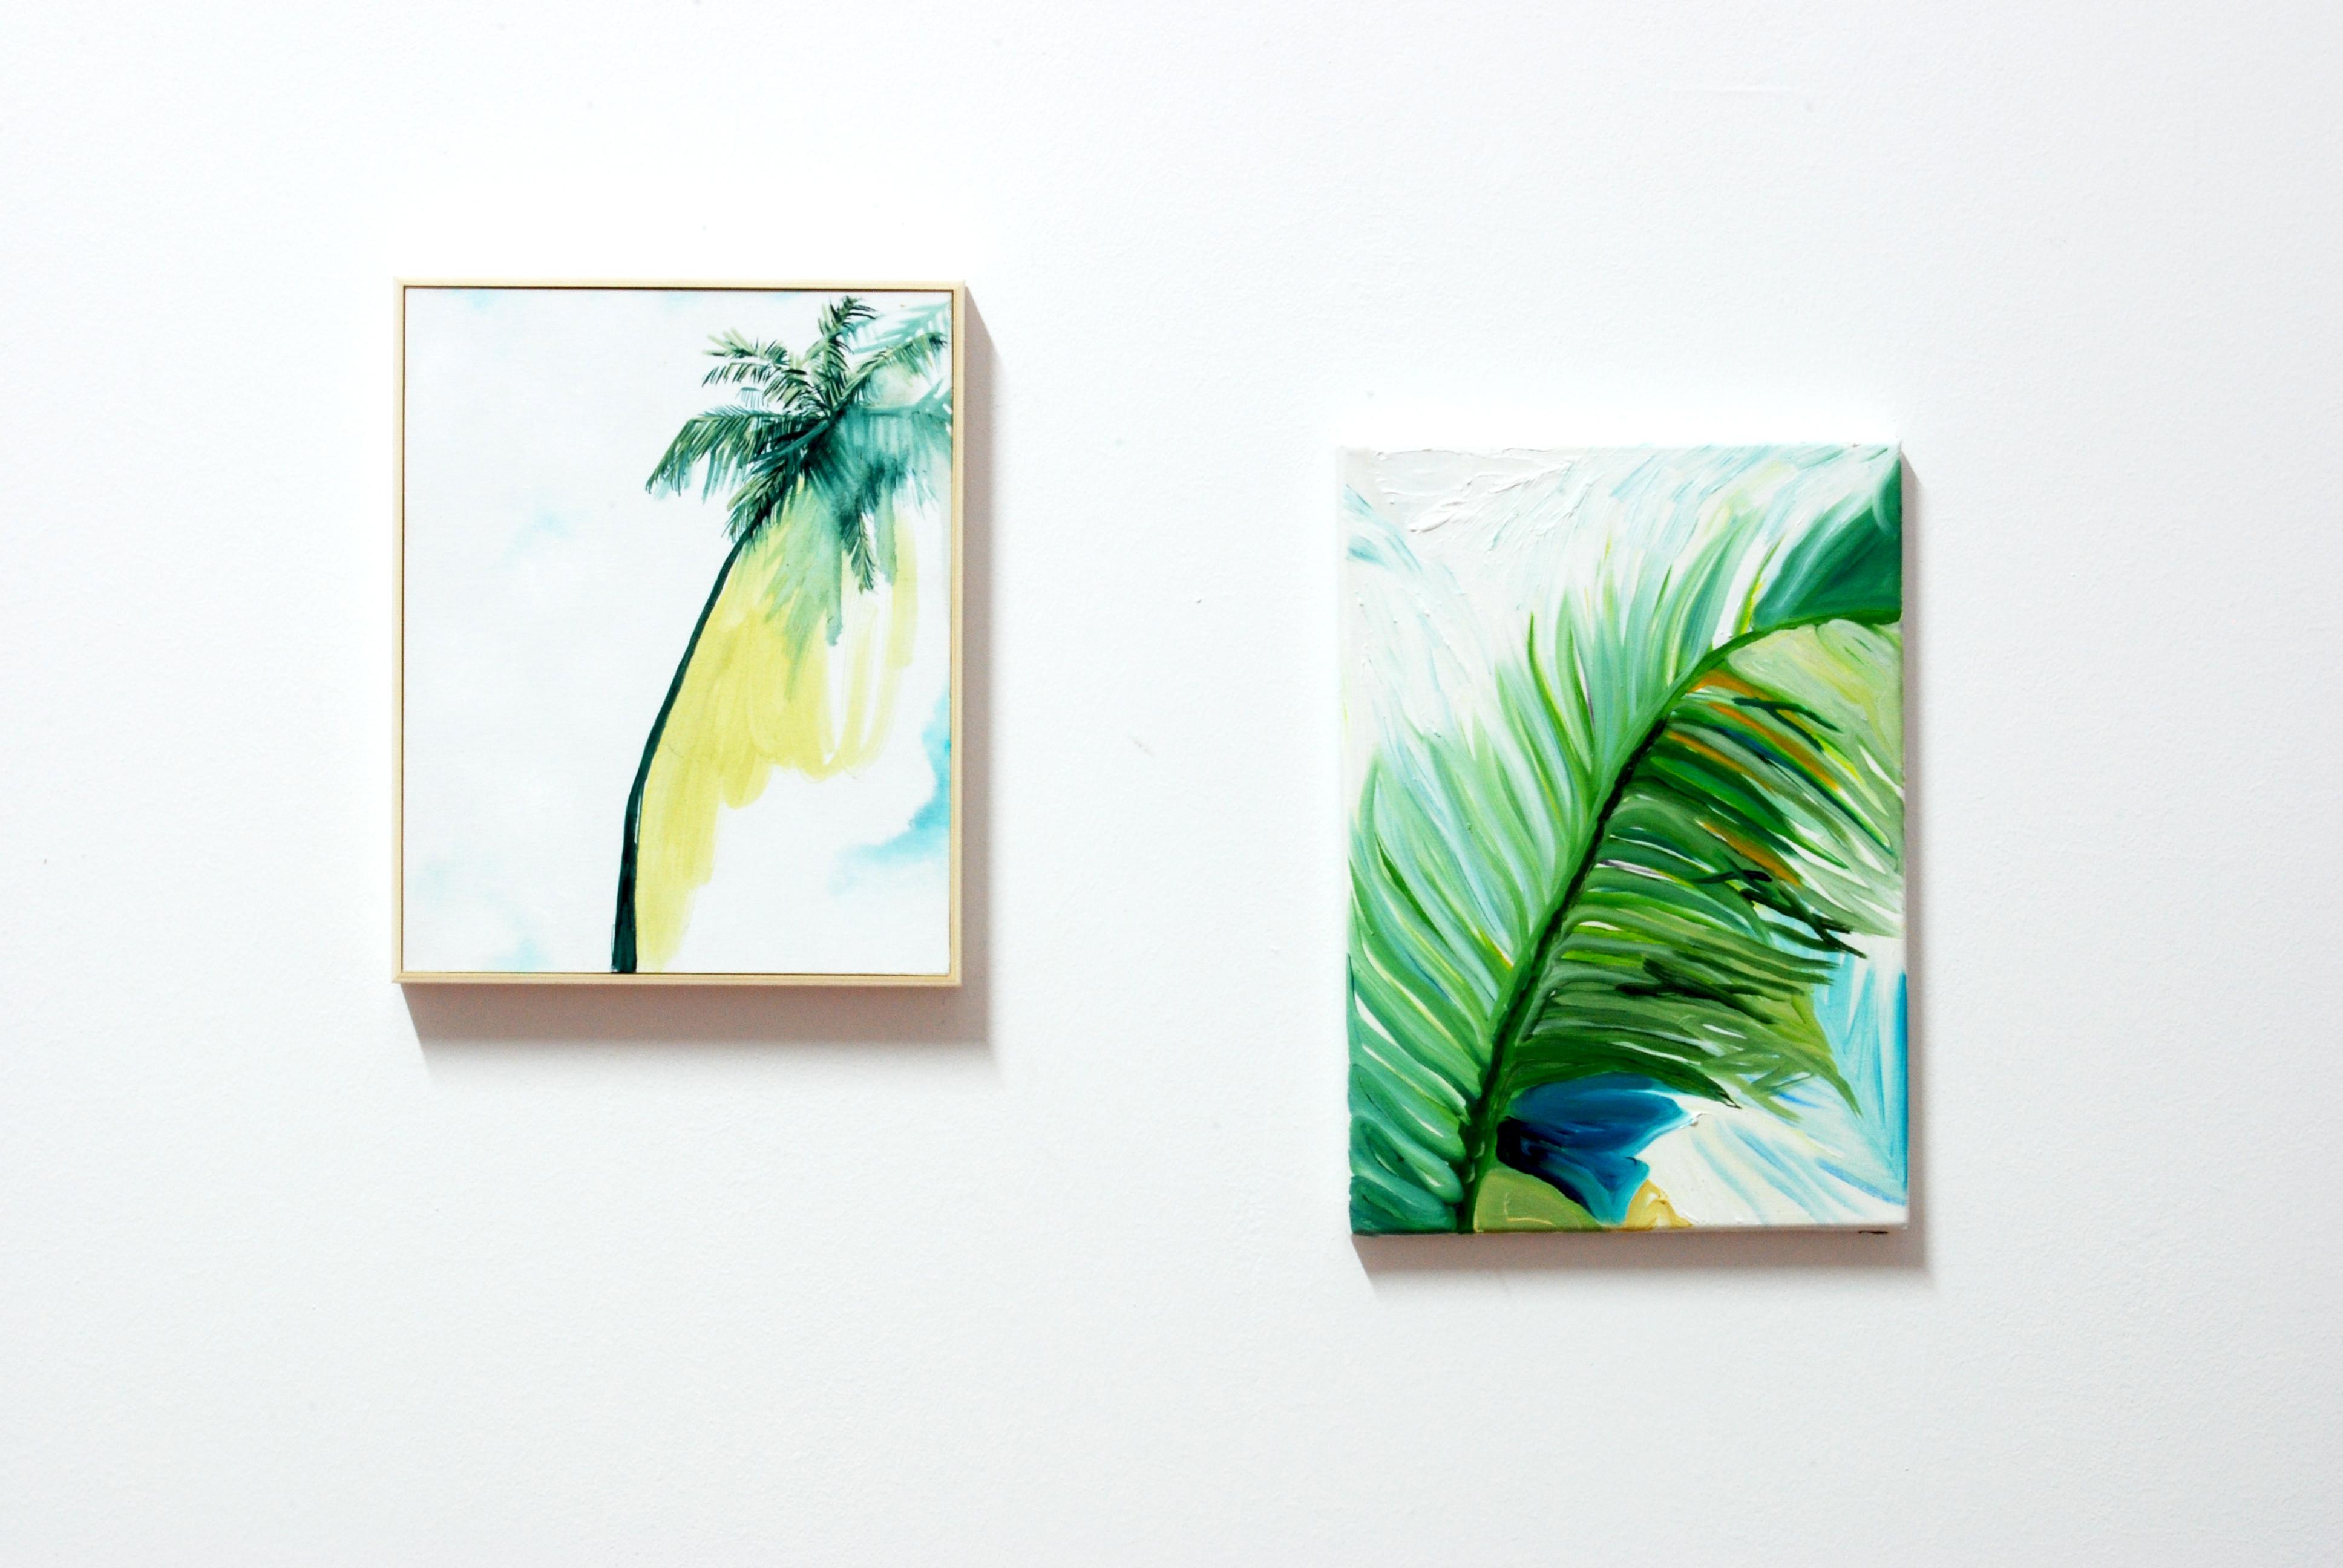 Vera Portatadino, Mafia Island, 2014, oil on two canvases, 30x25 and 35x25 cm